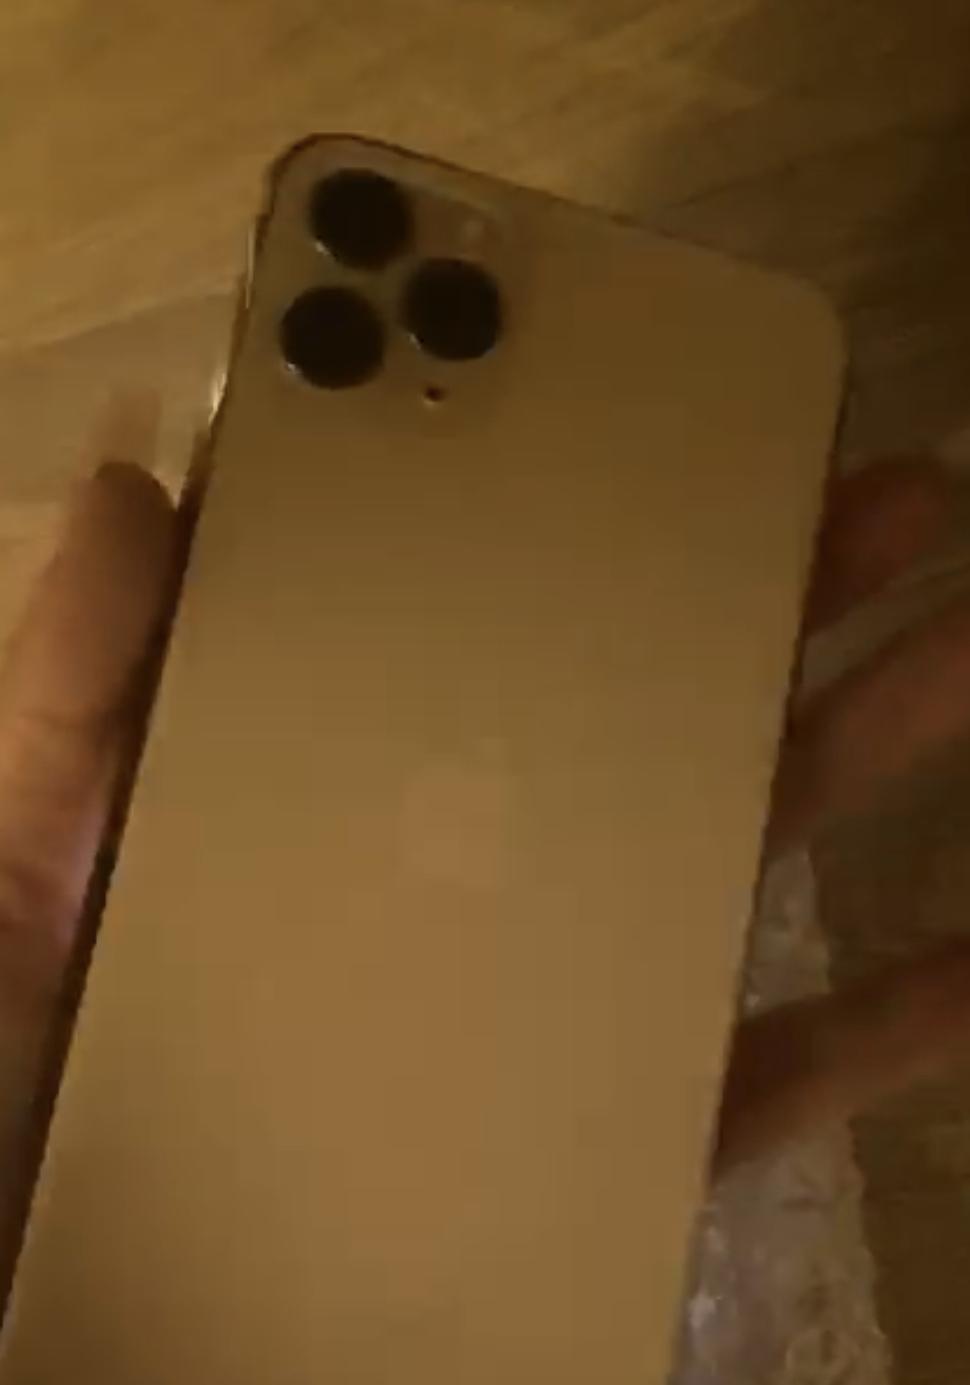 Vendo Iphone 11 Pro Max 64gb con todos los accesorios y parte trasera quebrada.